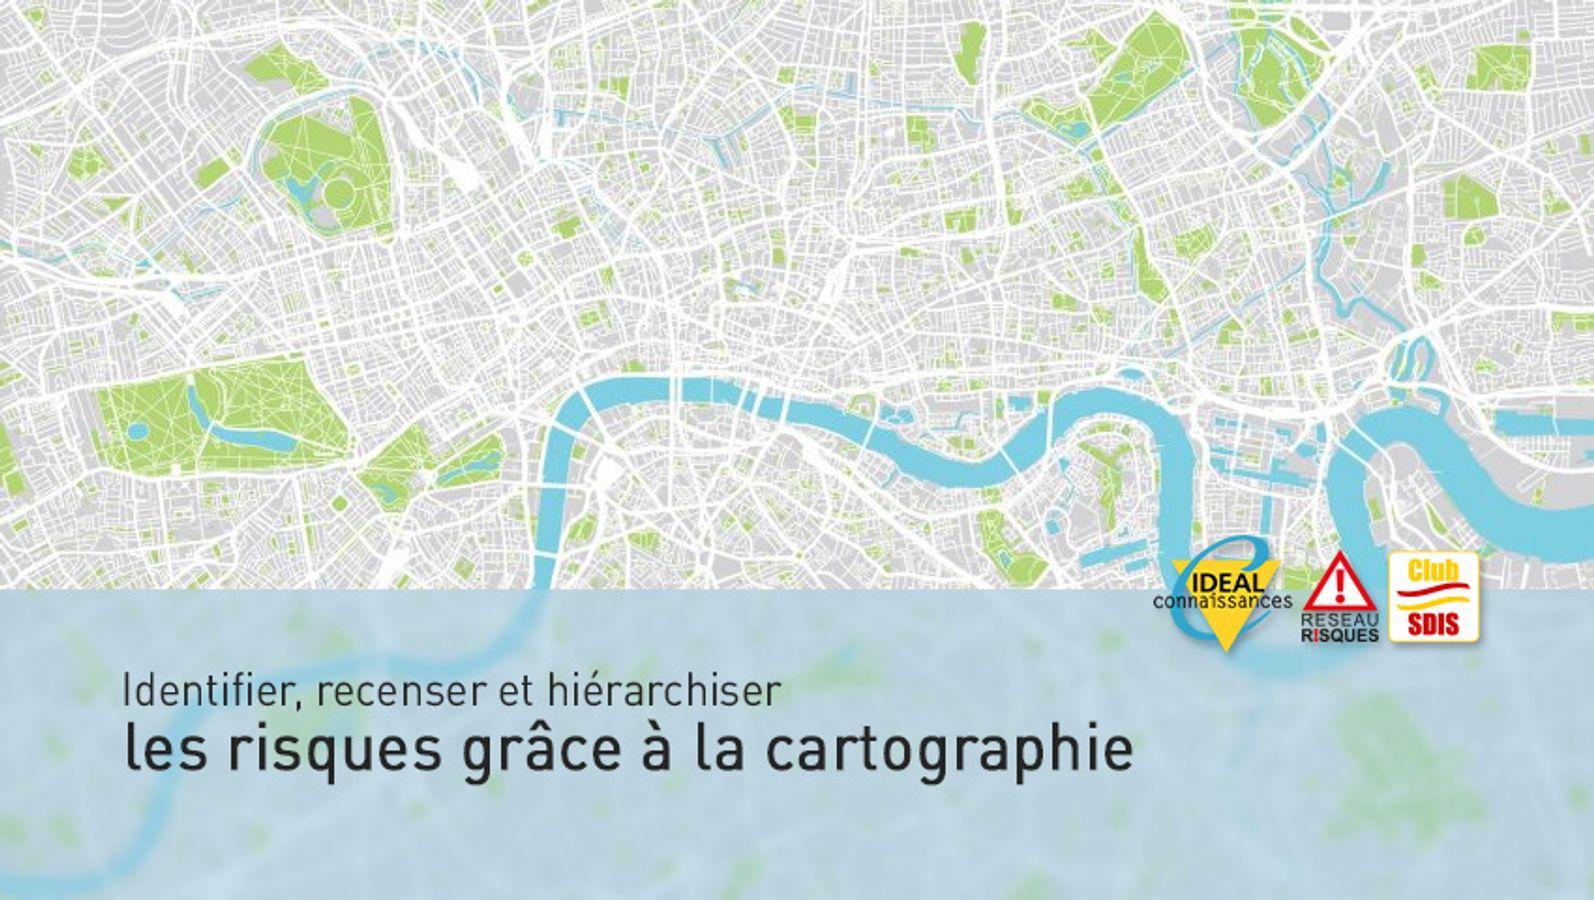 Identifier, recenser et hiérarchiser les risques grâce à la cartographie